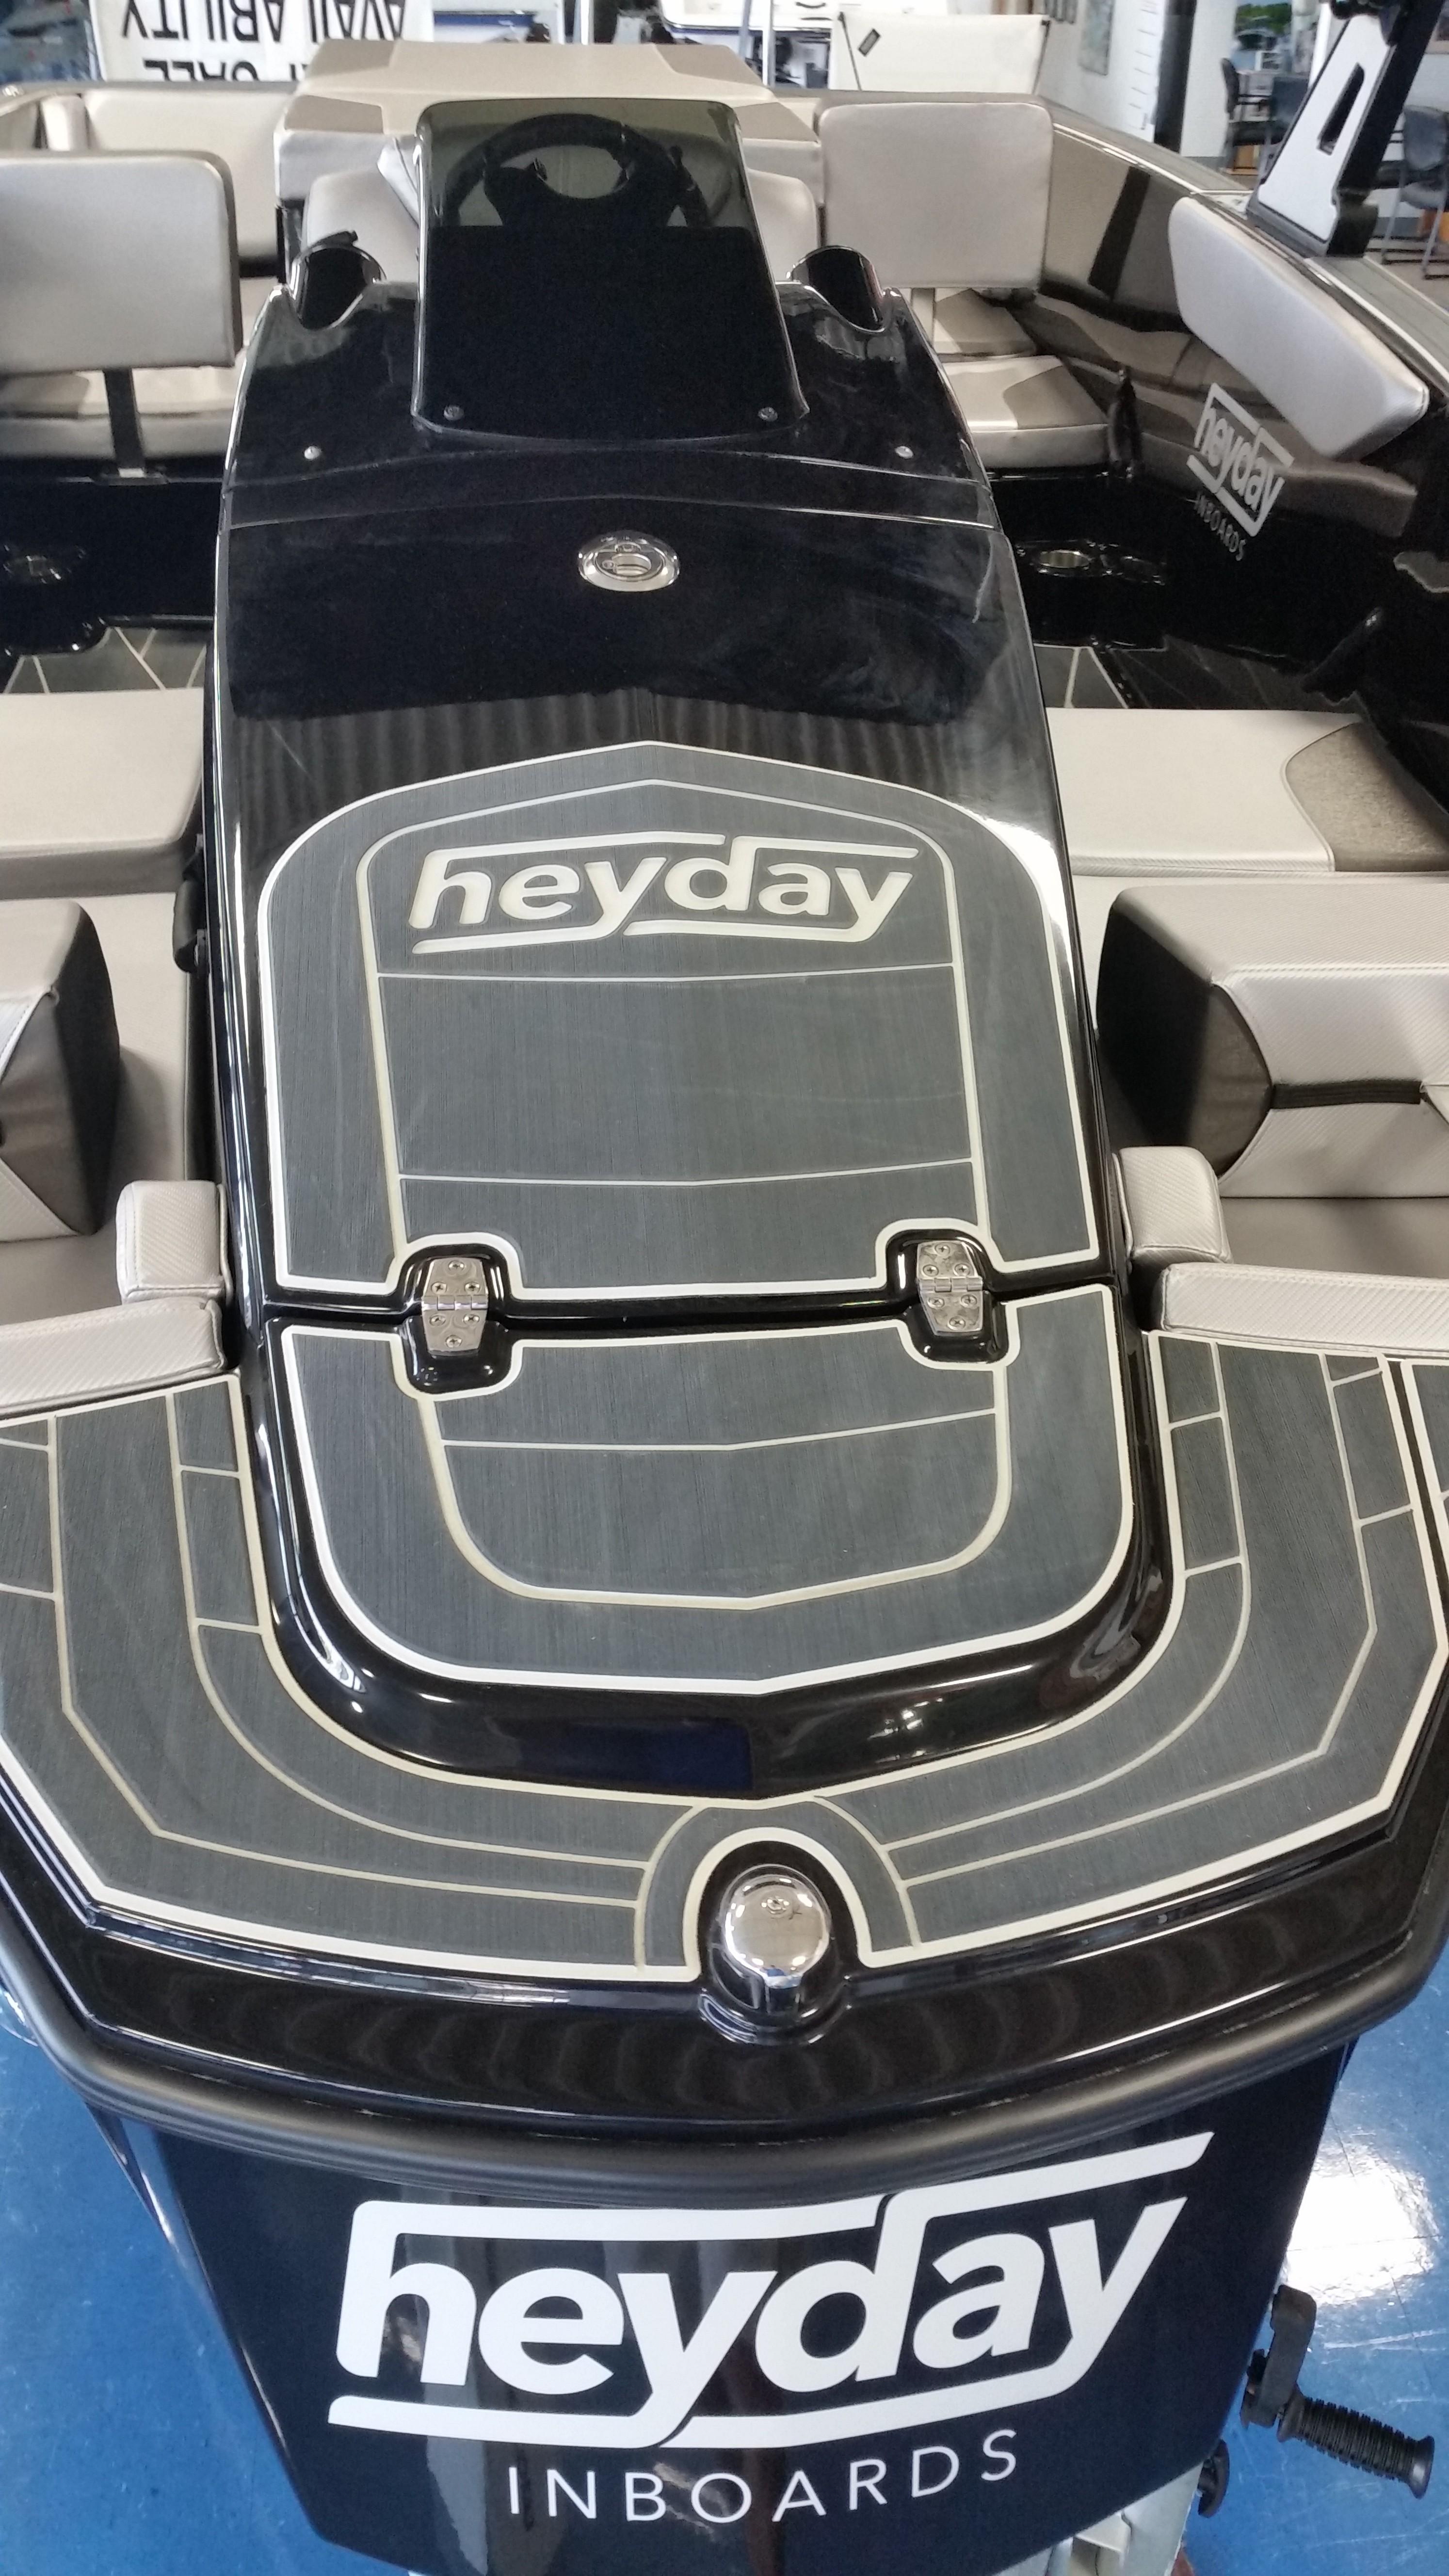 HeydayWT-1